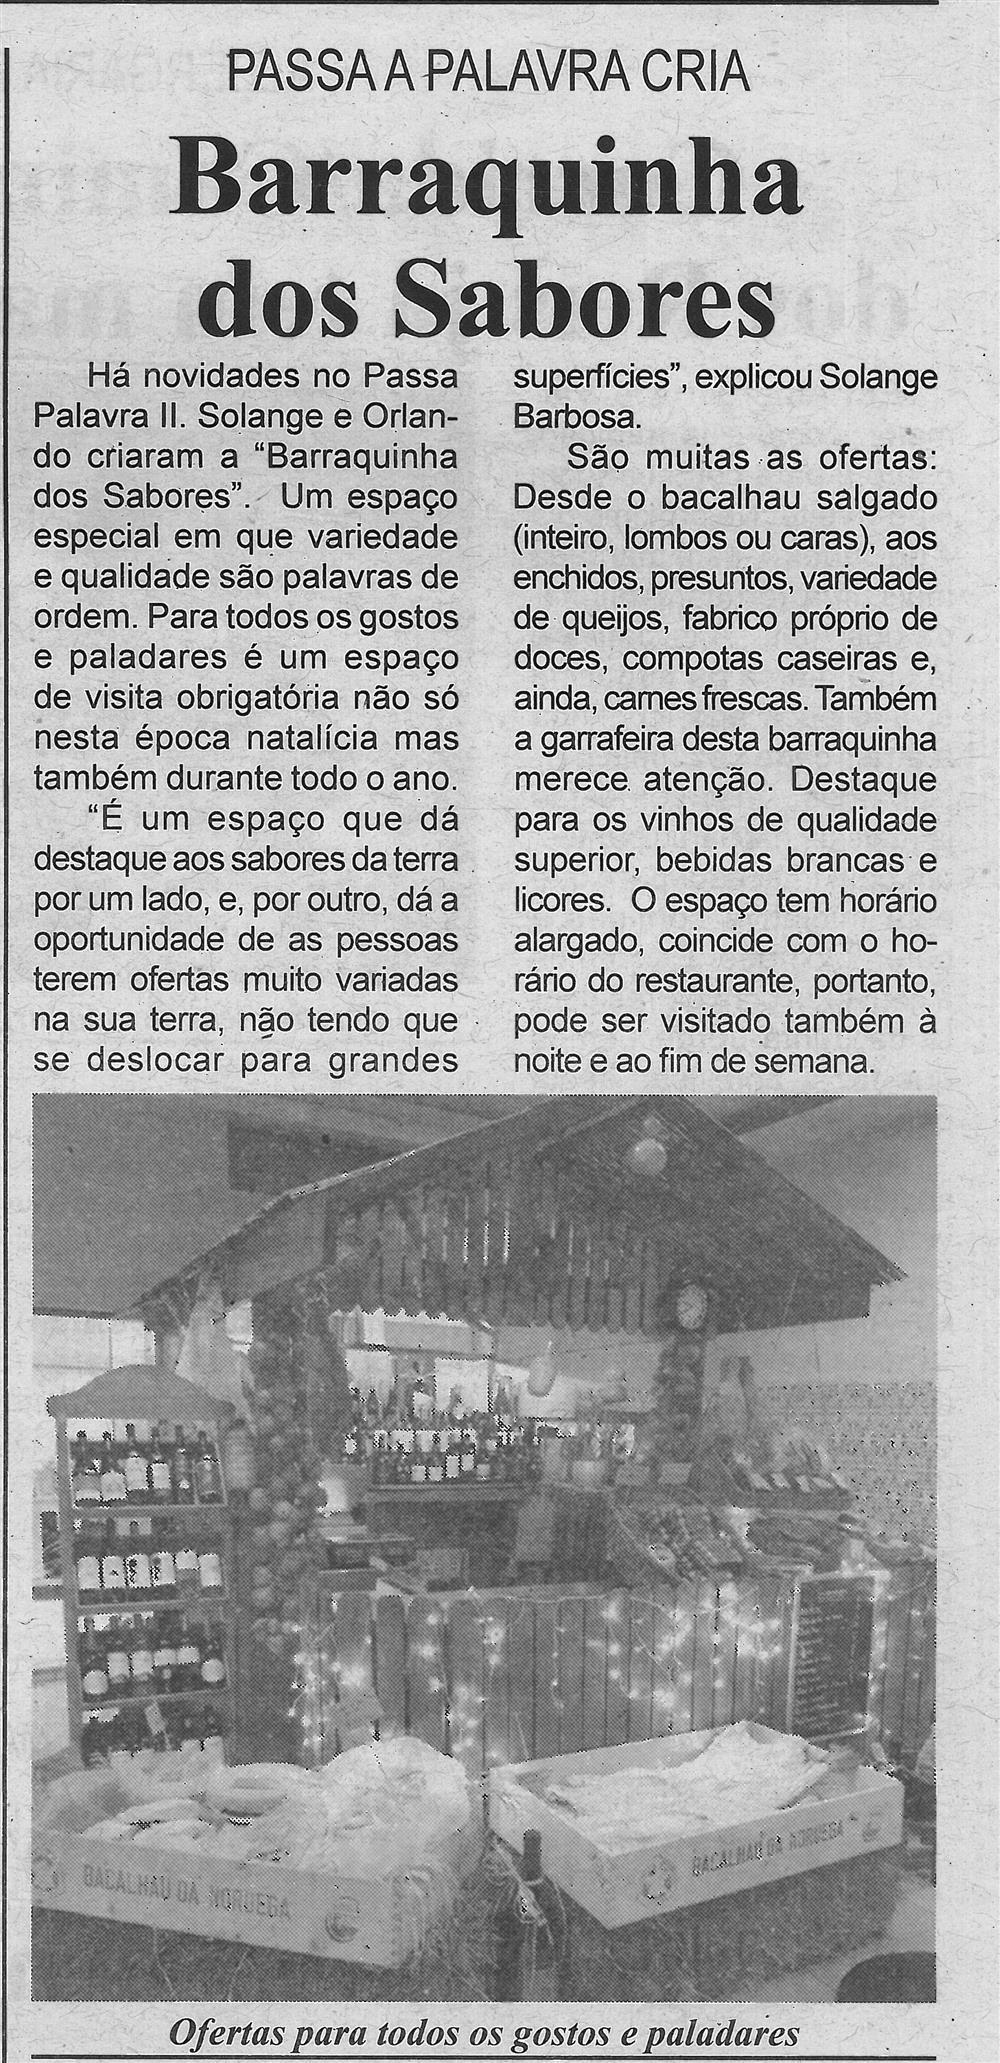 BV-2.ªdez.'19-p.11-Passa a Palavra cria 'Barraquinha dos Sabores'.jpg